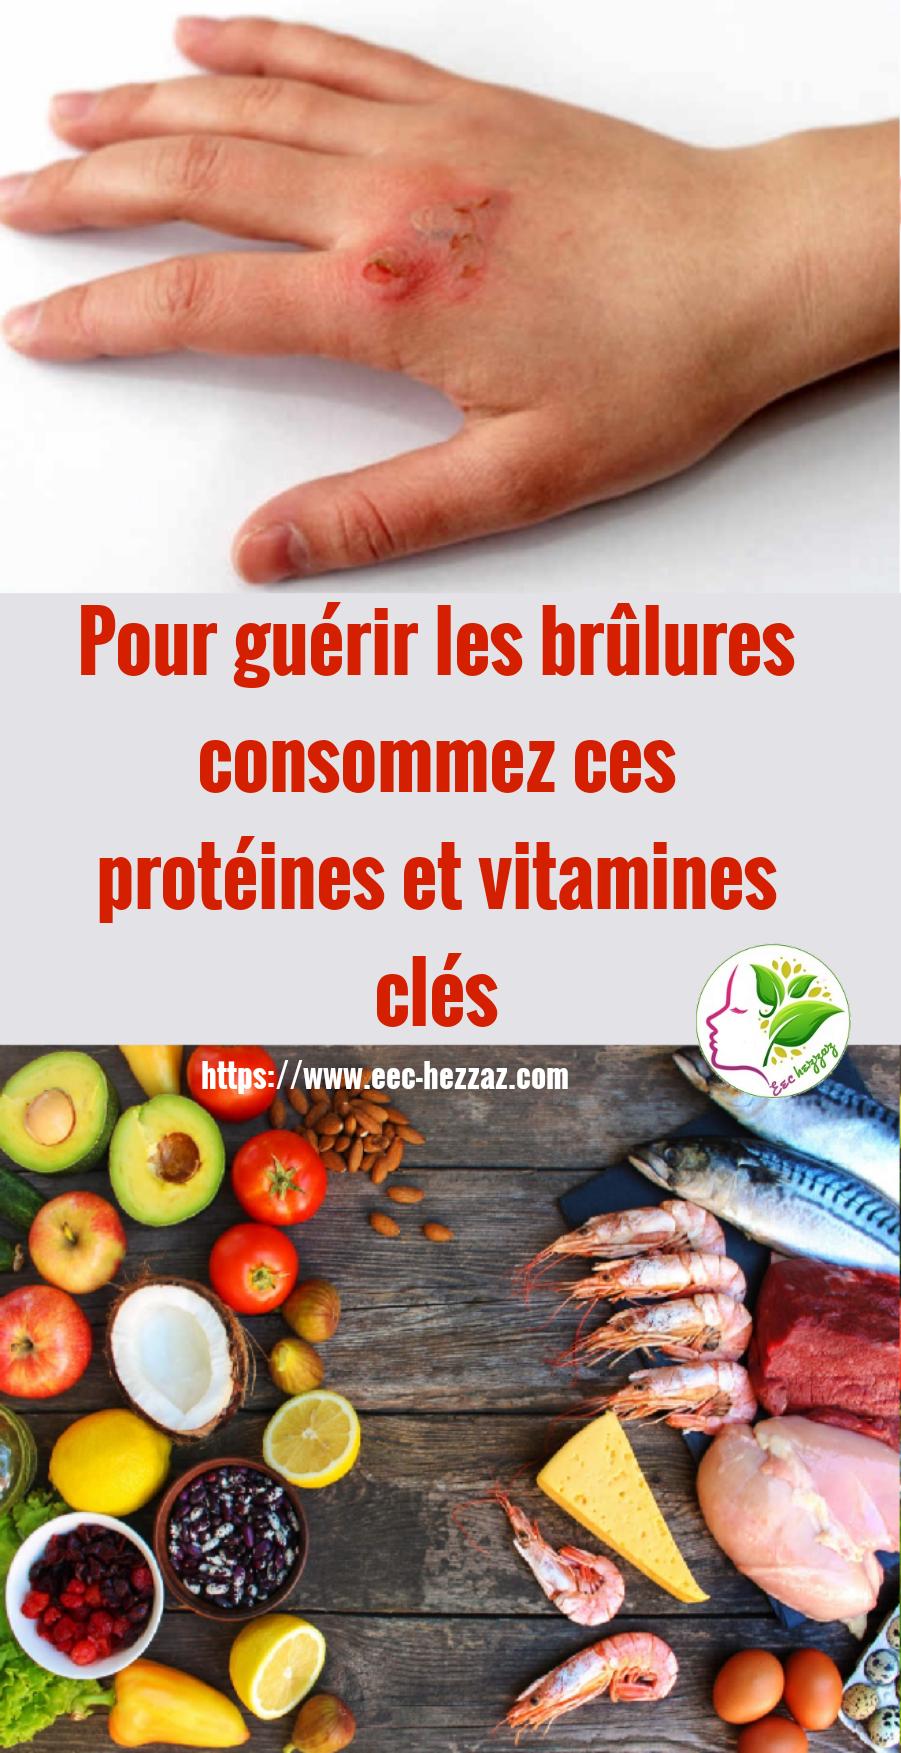 Pour guérir les brûlures consommez ces protéines et vitamines clés